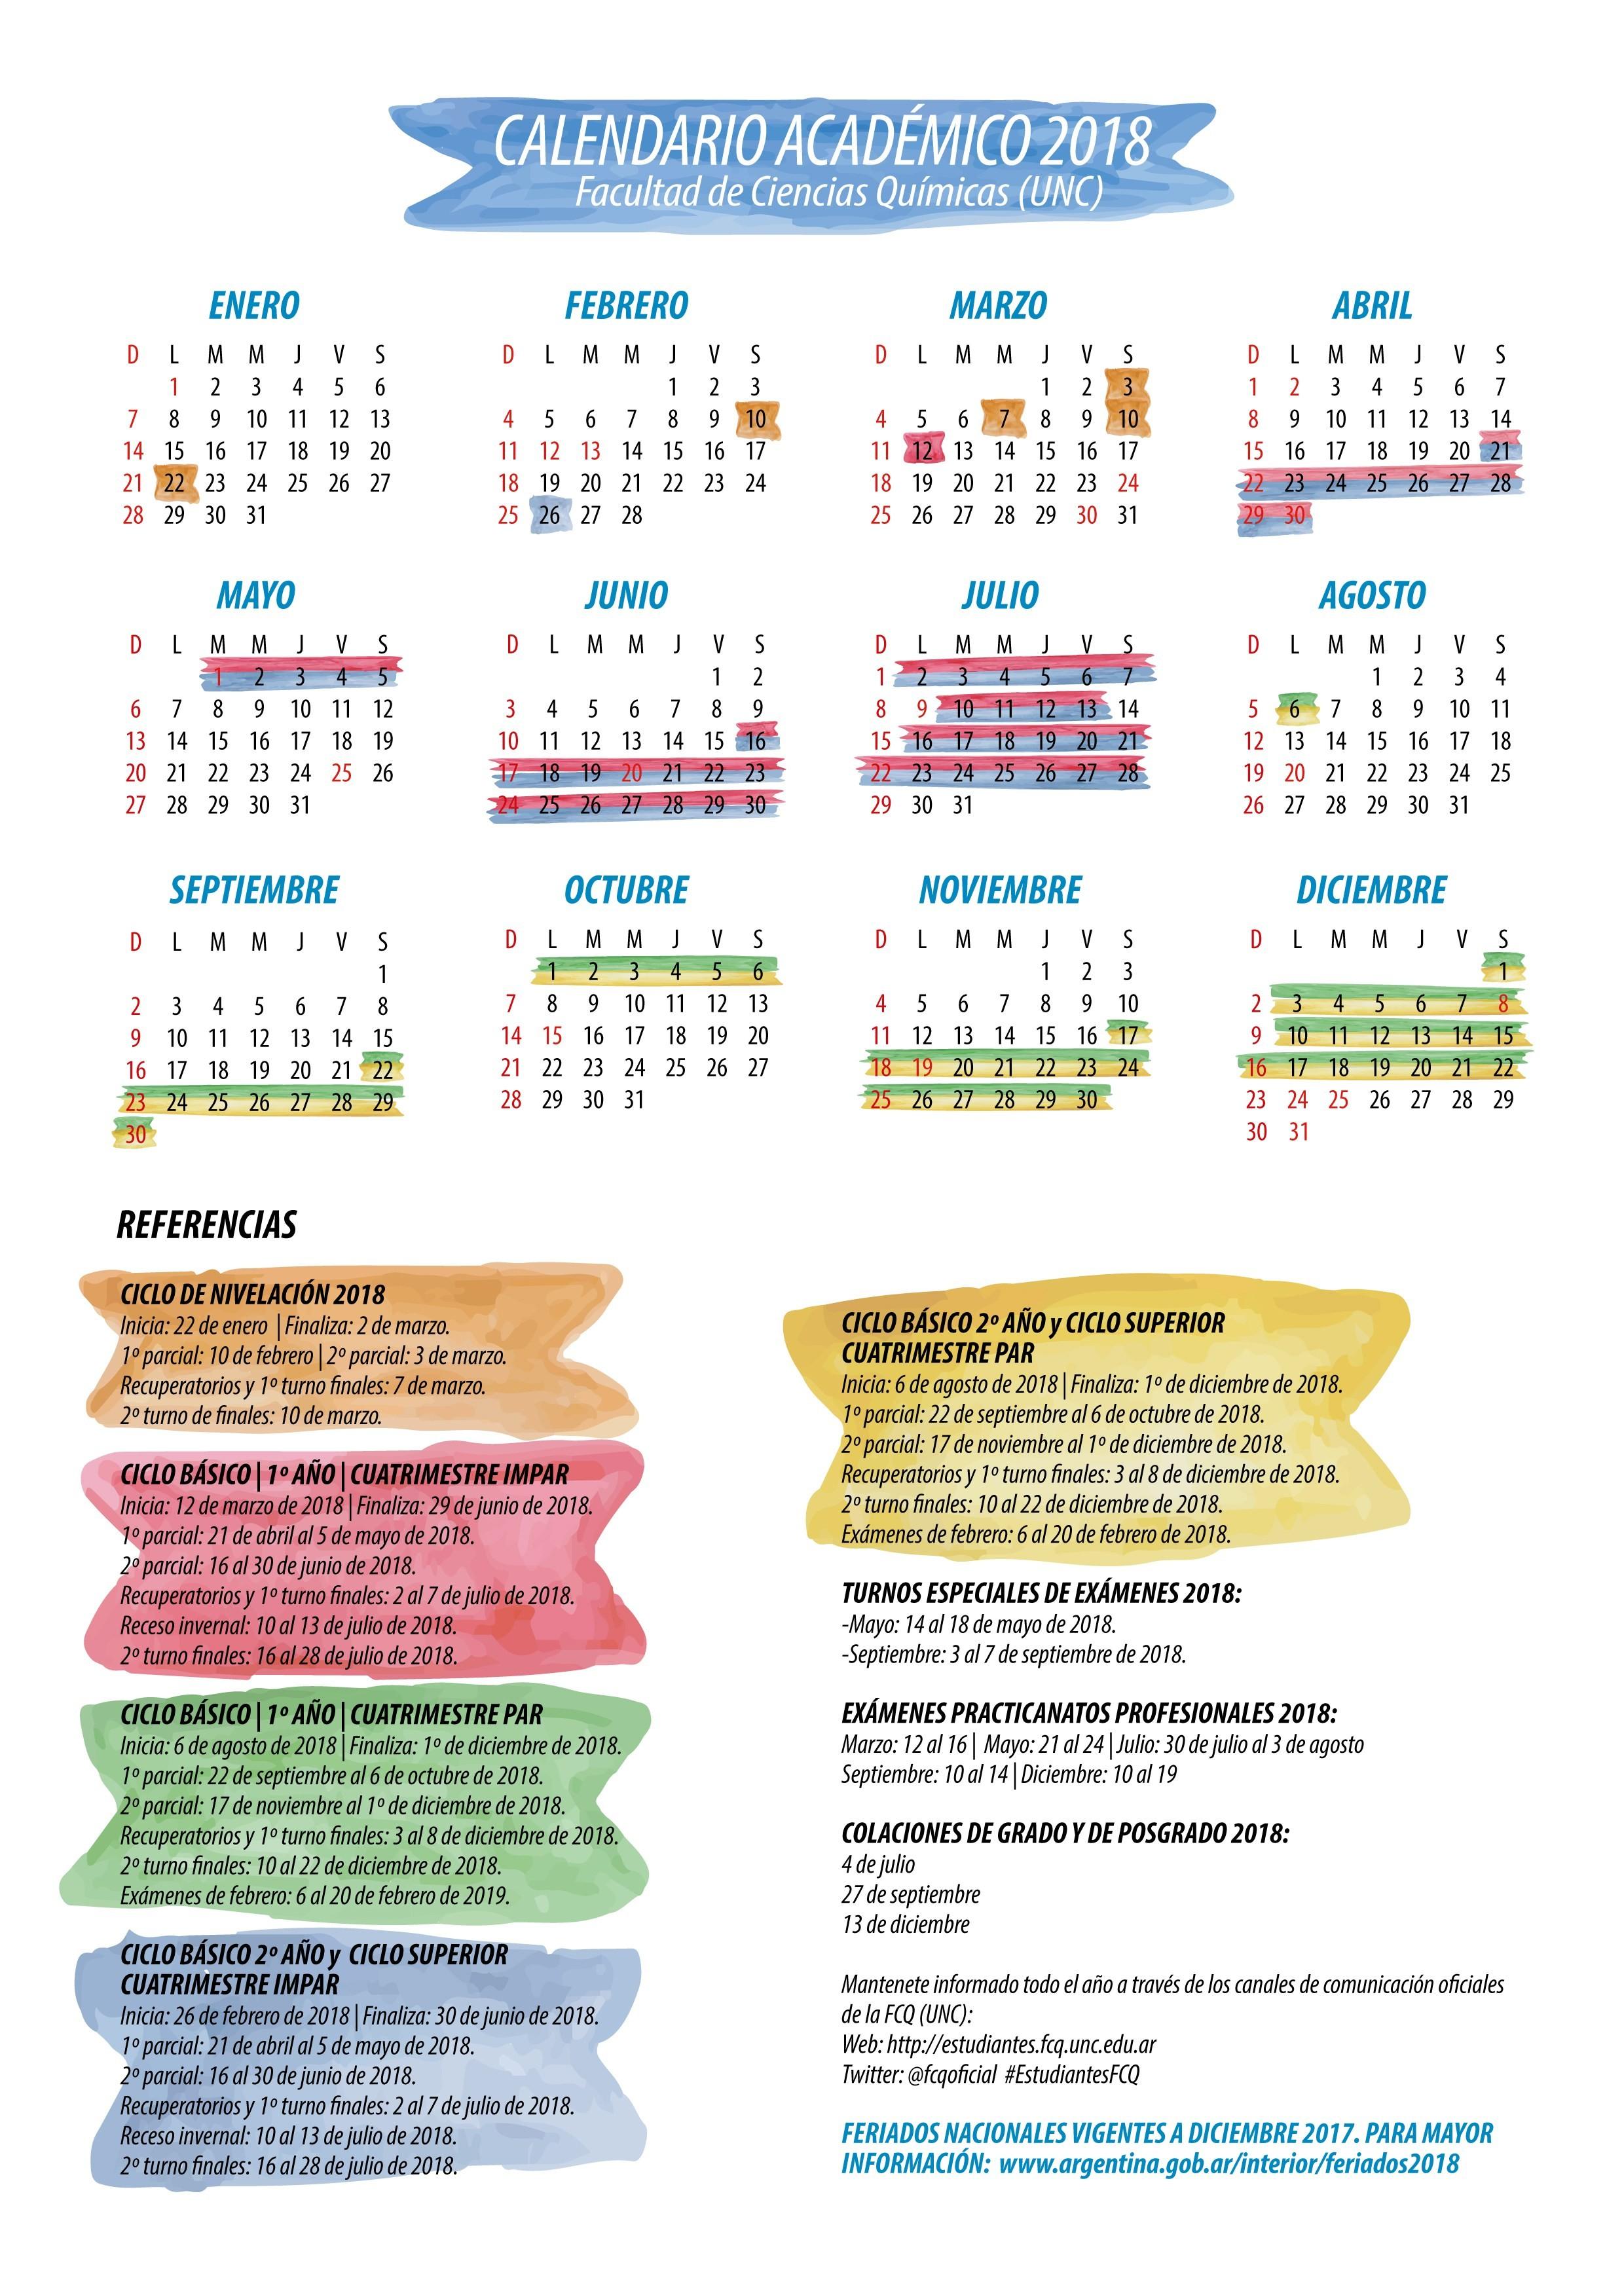 Mie Calendario 2017 Jpg Almanaque Newspictures